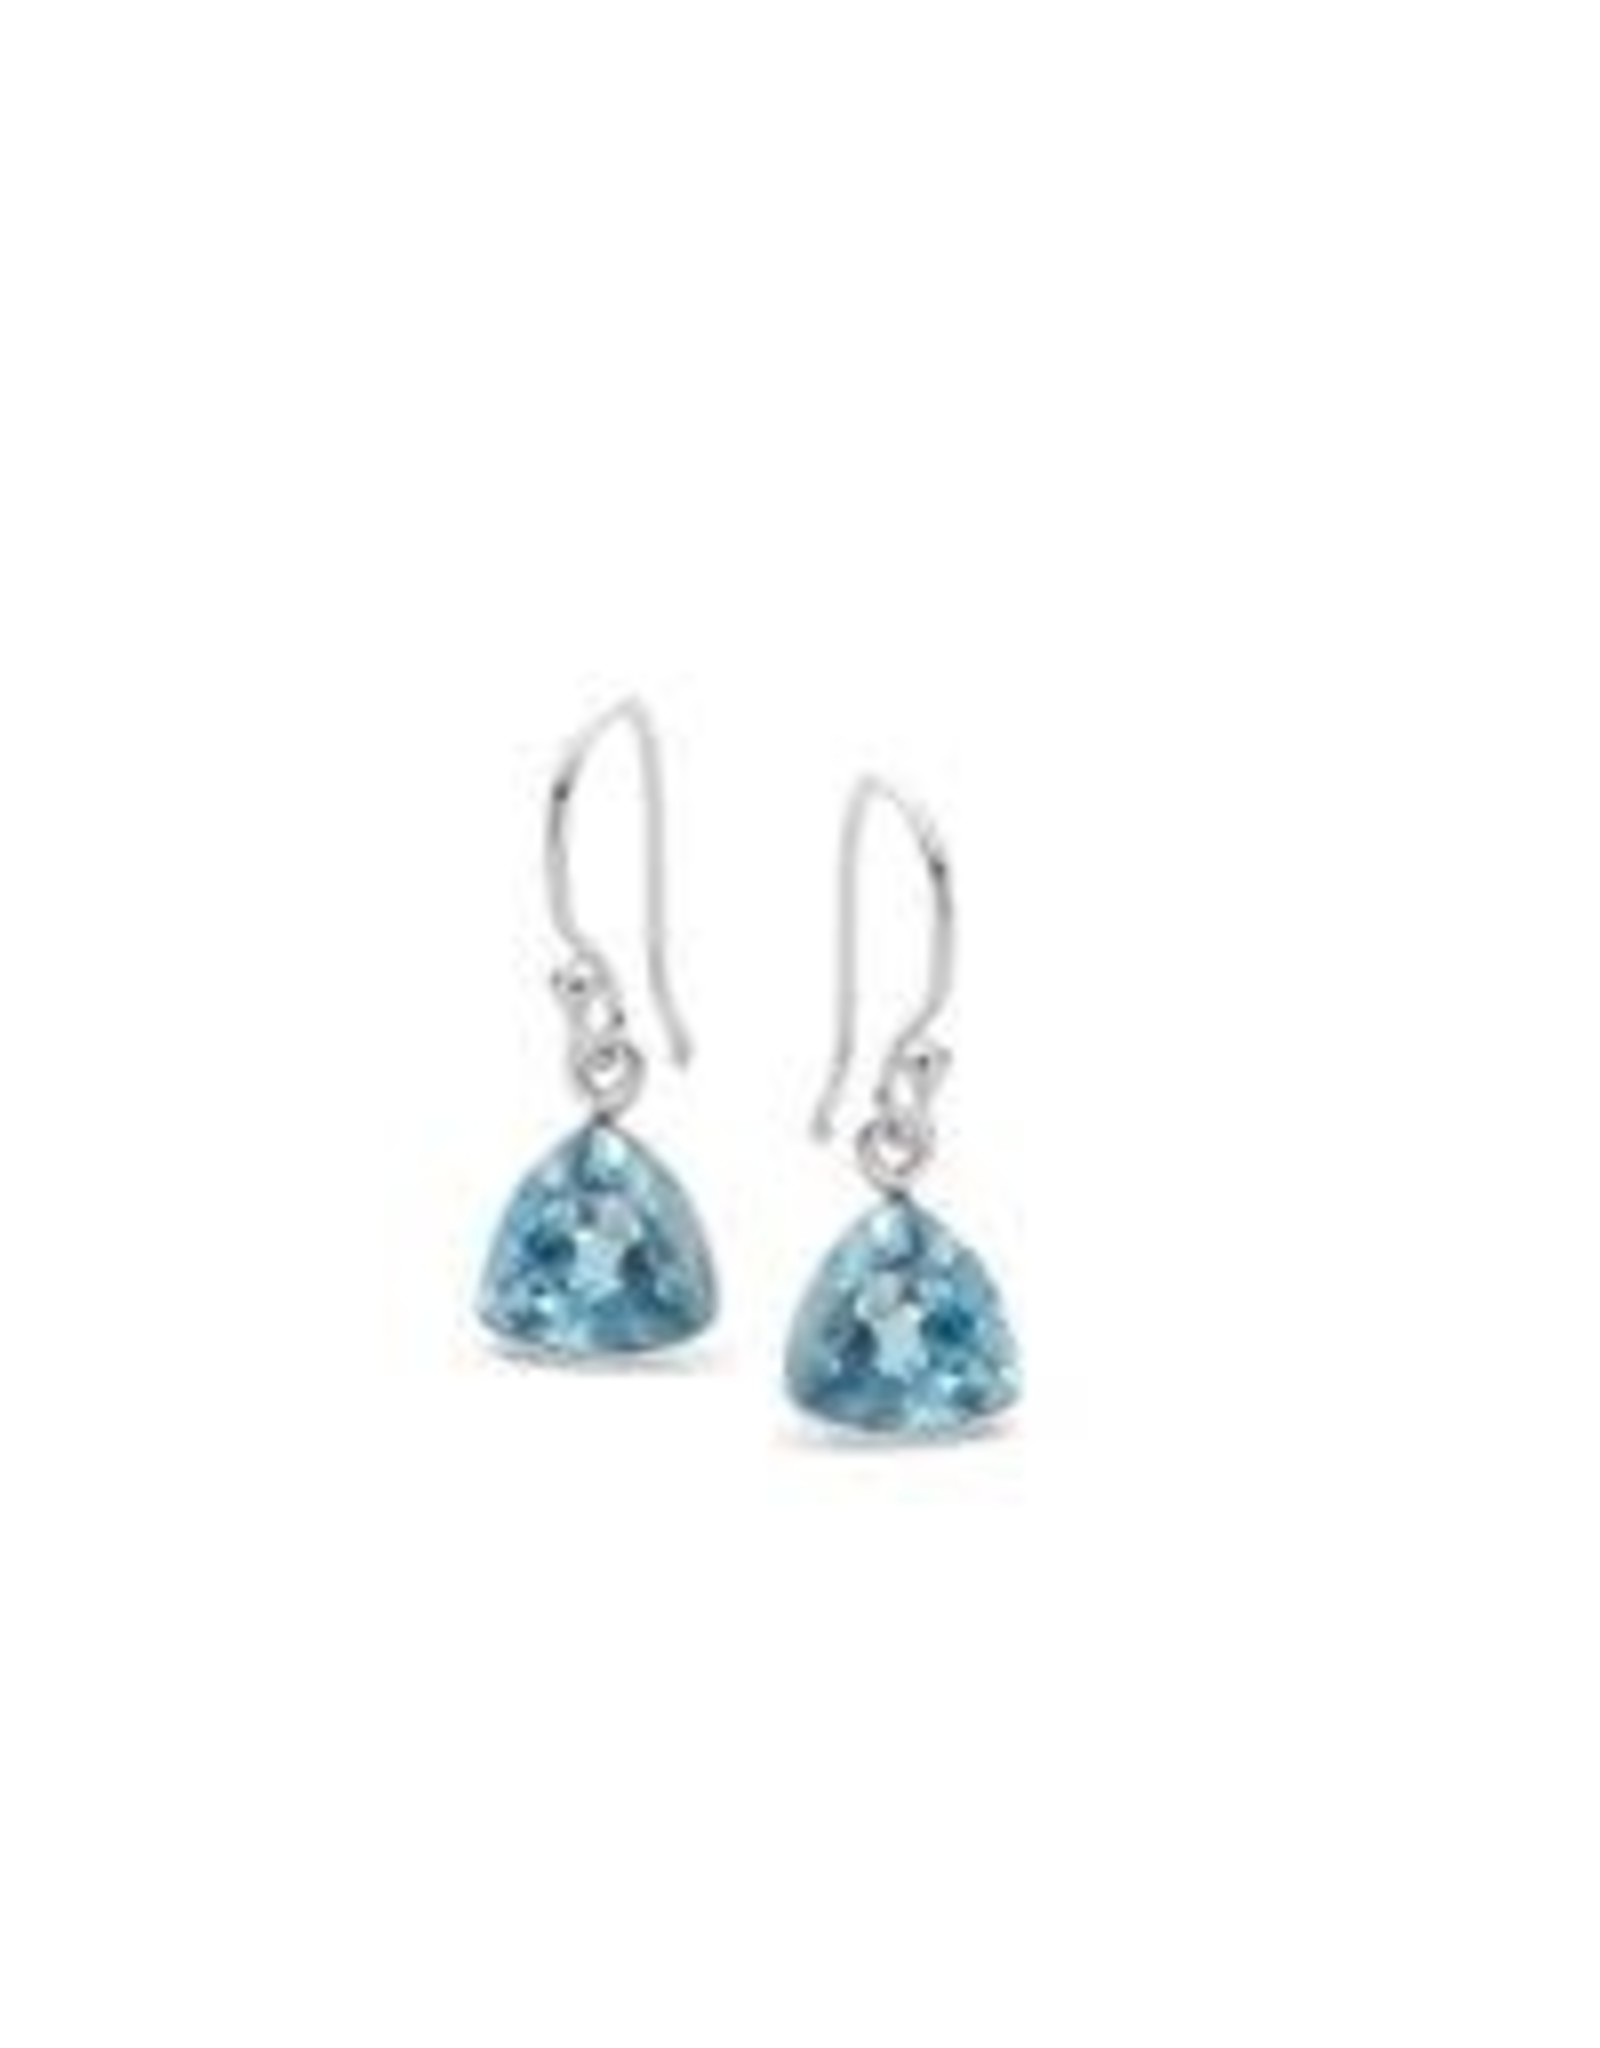 Stones & Silver Blue Topaz Stone Earrings 3cm Drop